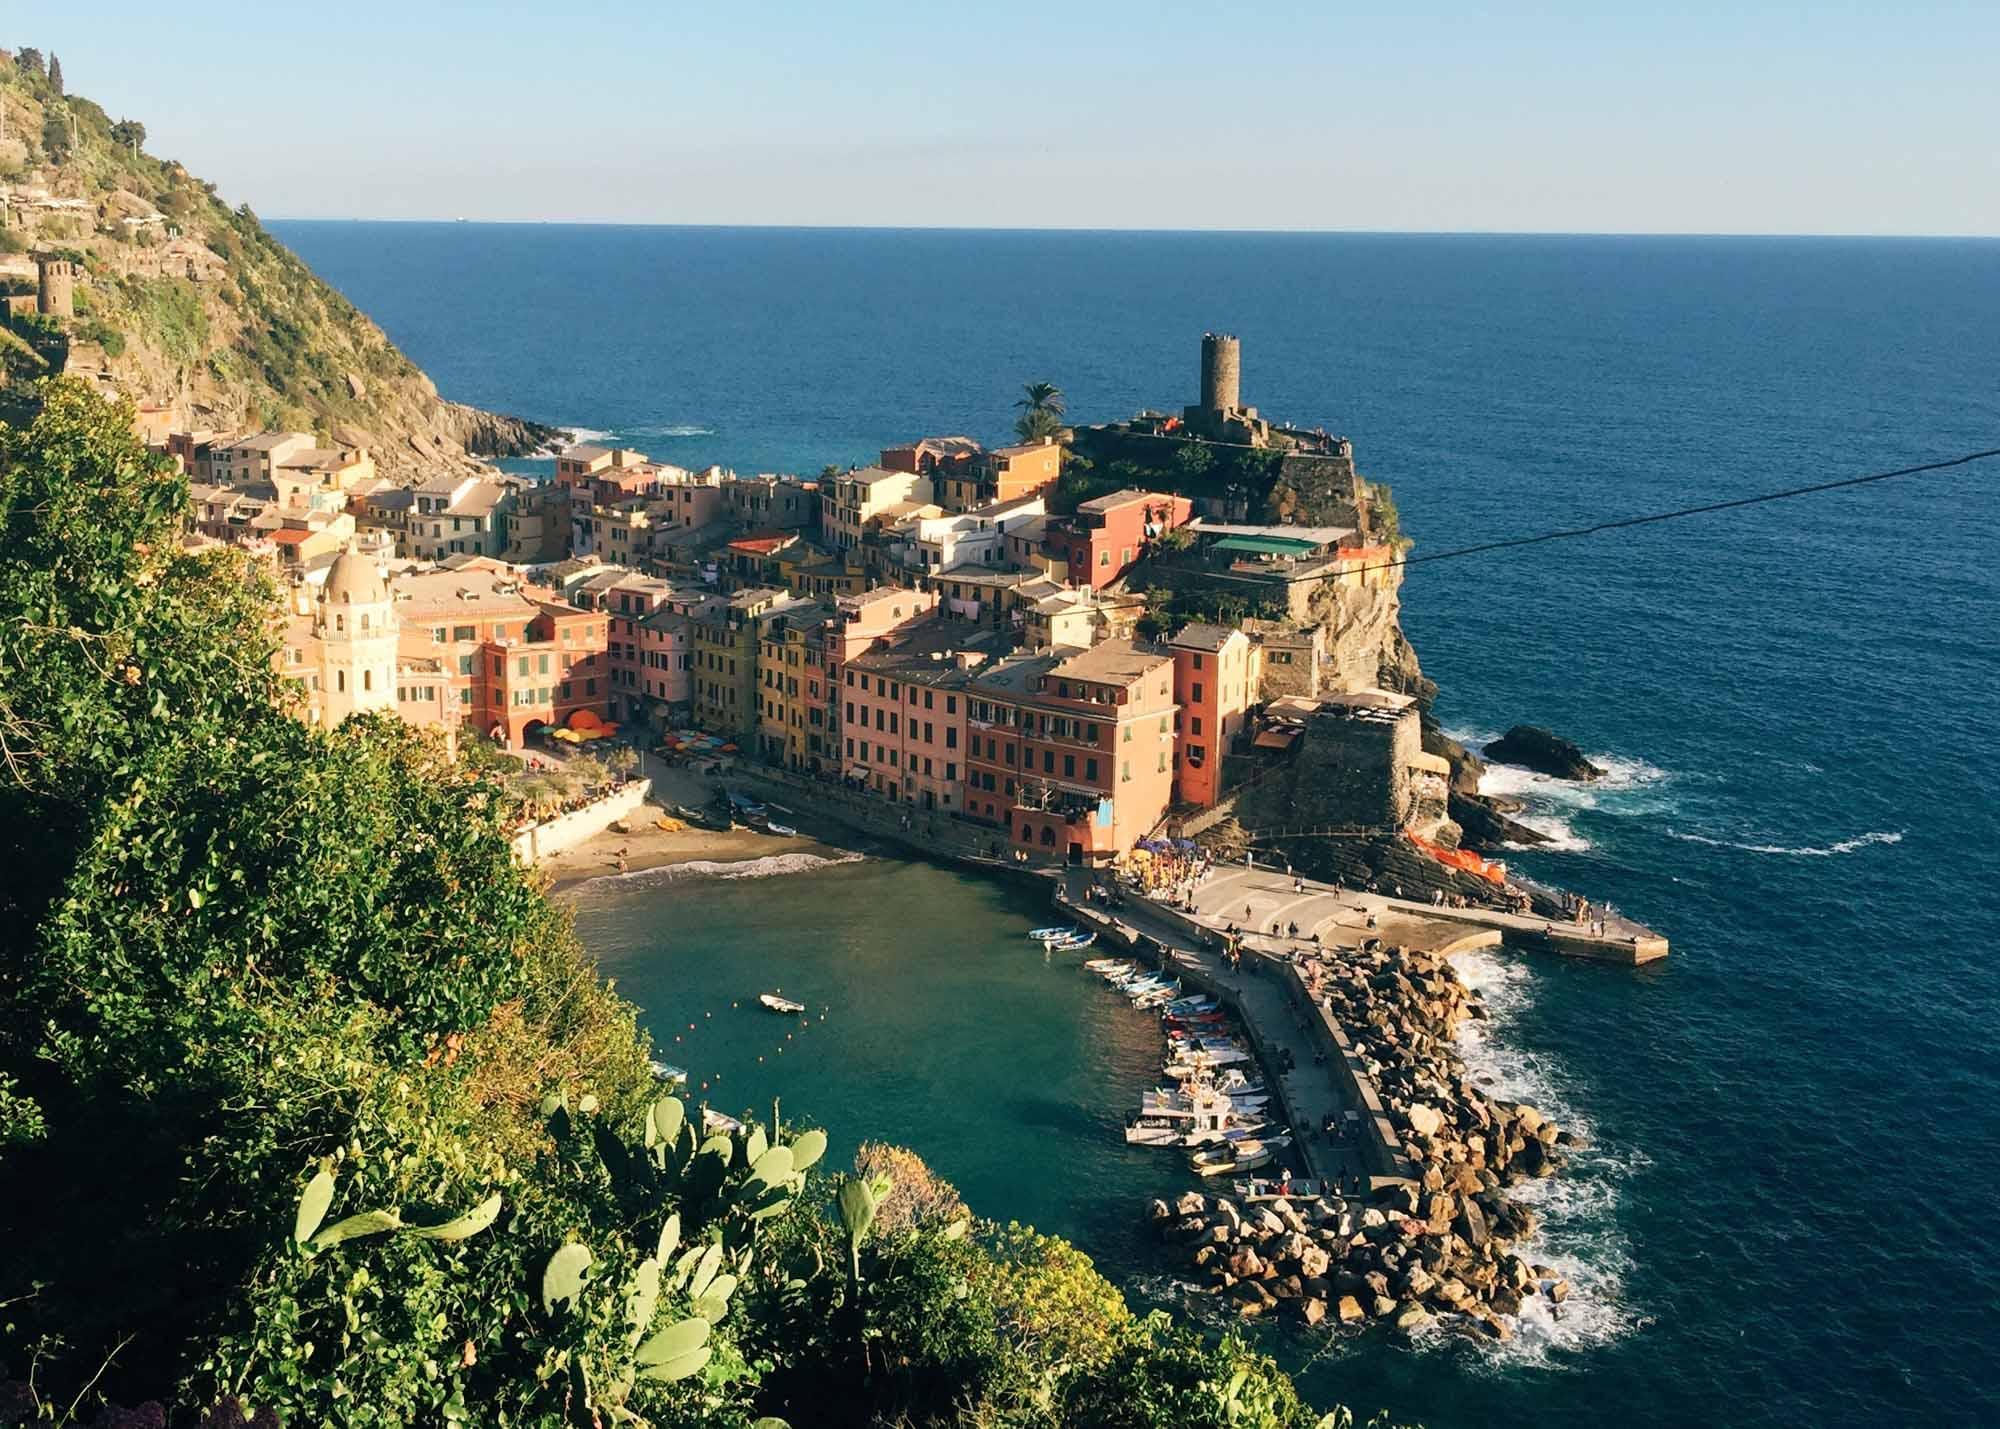 Europe Road Trip - Cinque Terre, Varenna